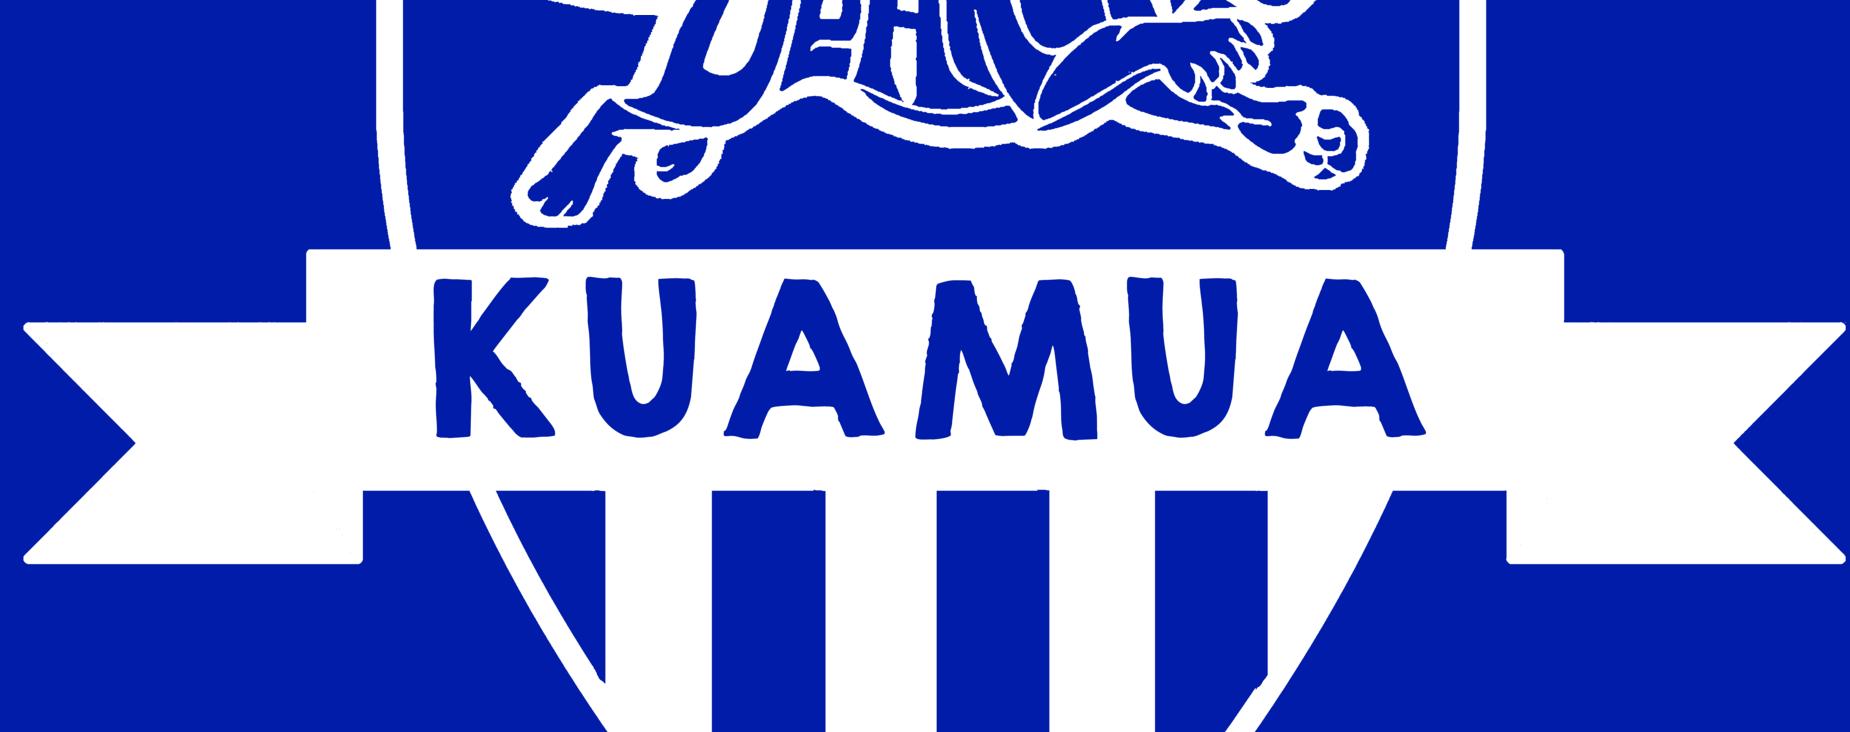 Kuamua Logo